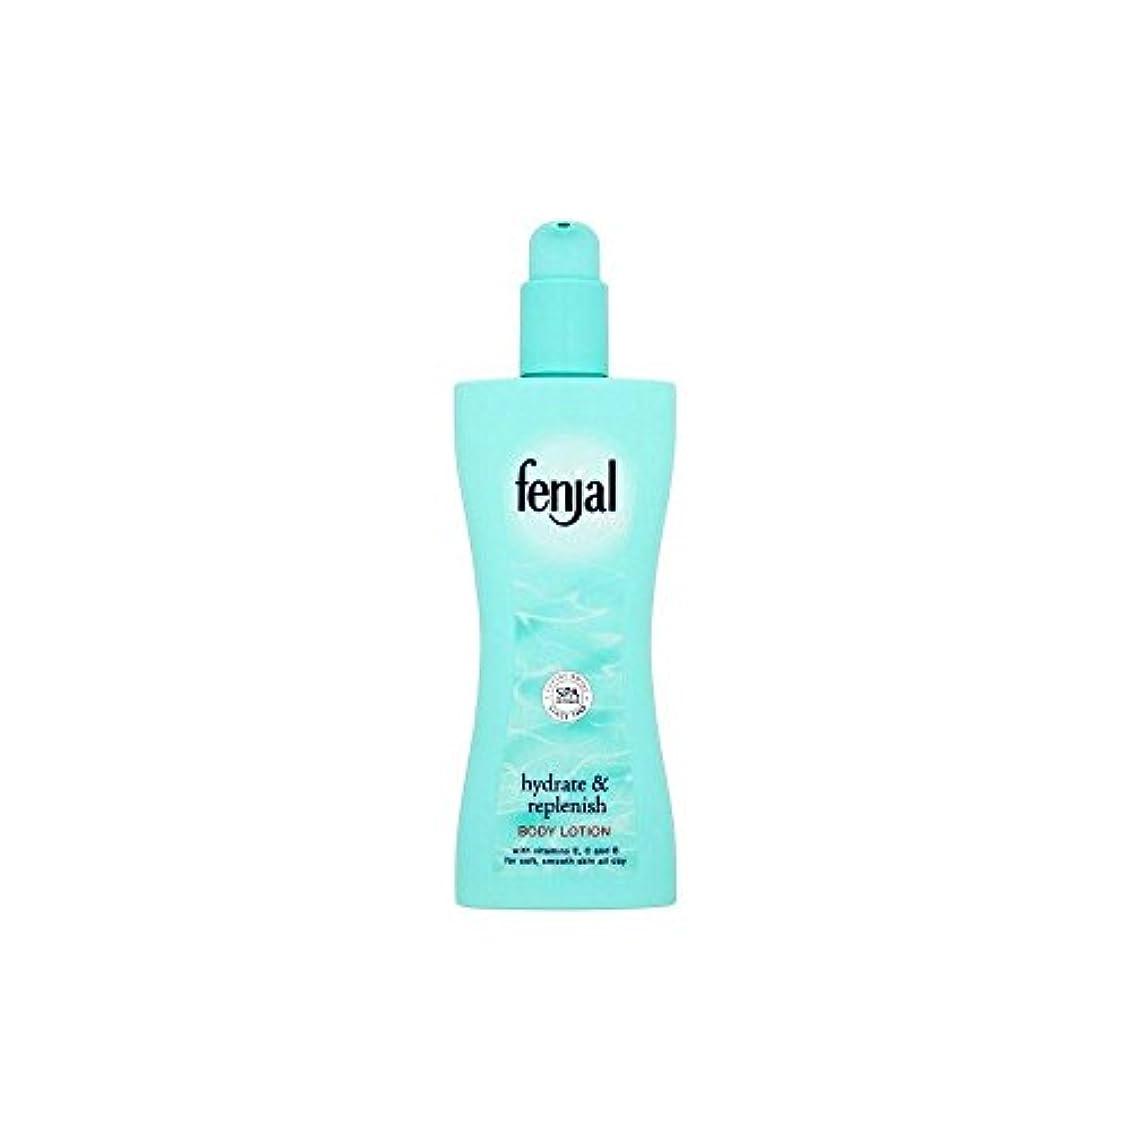 評議会シャット最愛のFenjal Luxury Hydrating Body Lotion (200ml) Fenjal高級保湿ボディローション( 200ミリリットル) [並行輸入品]